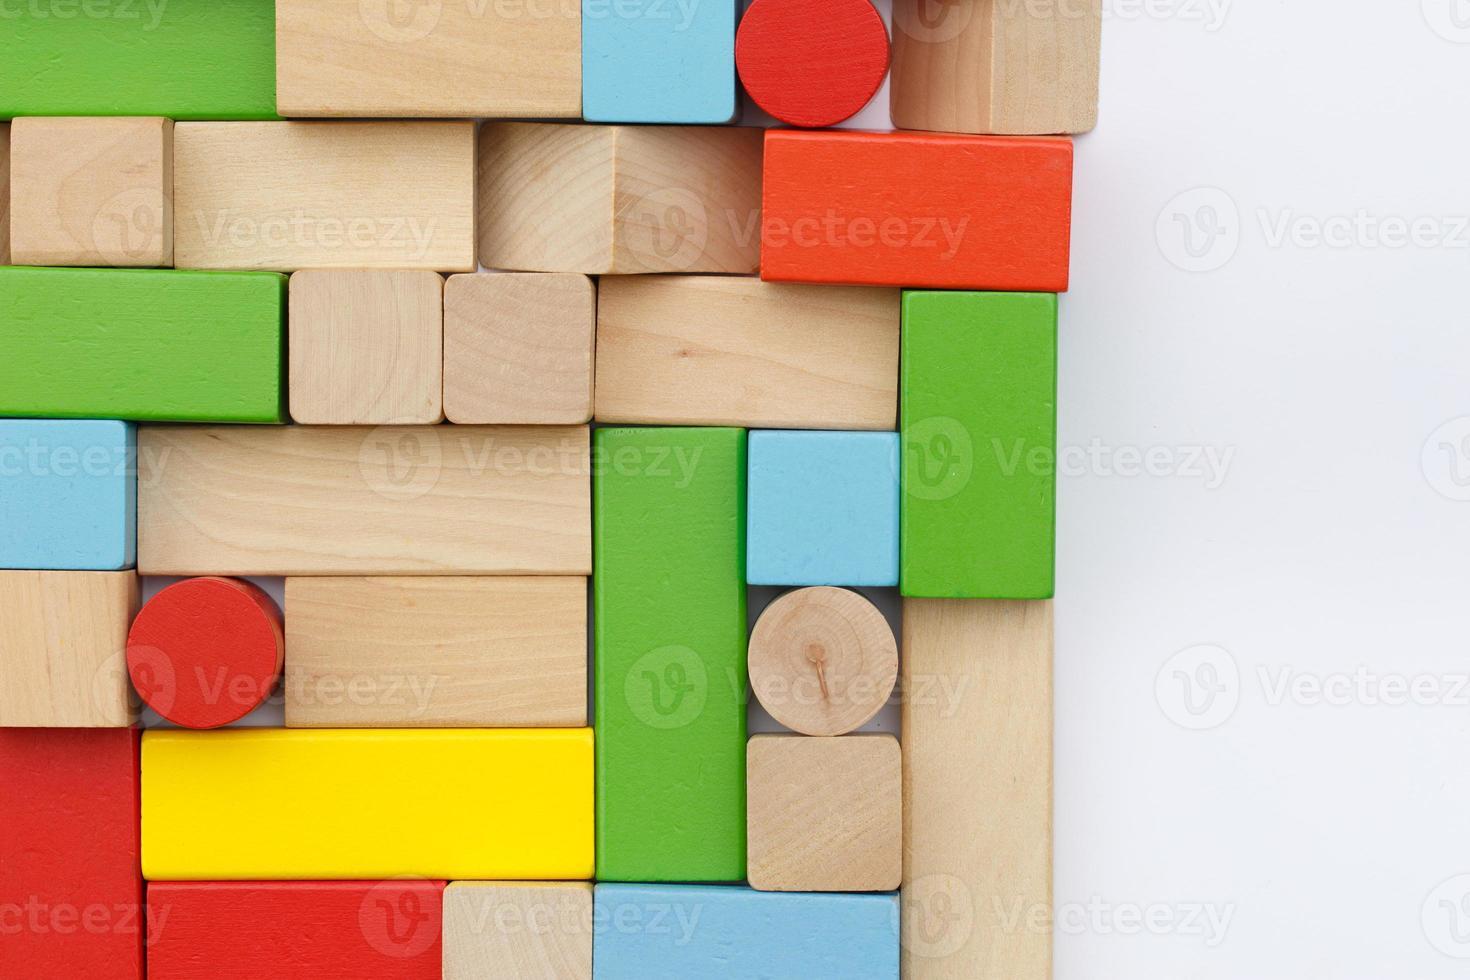 bloques de construcción de madera aisladas sobre fondo blanco foto